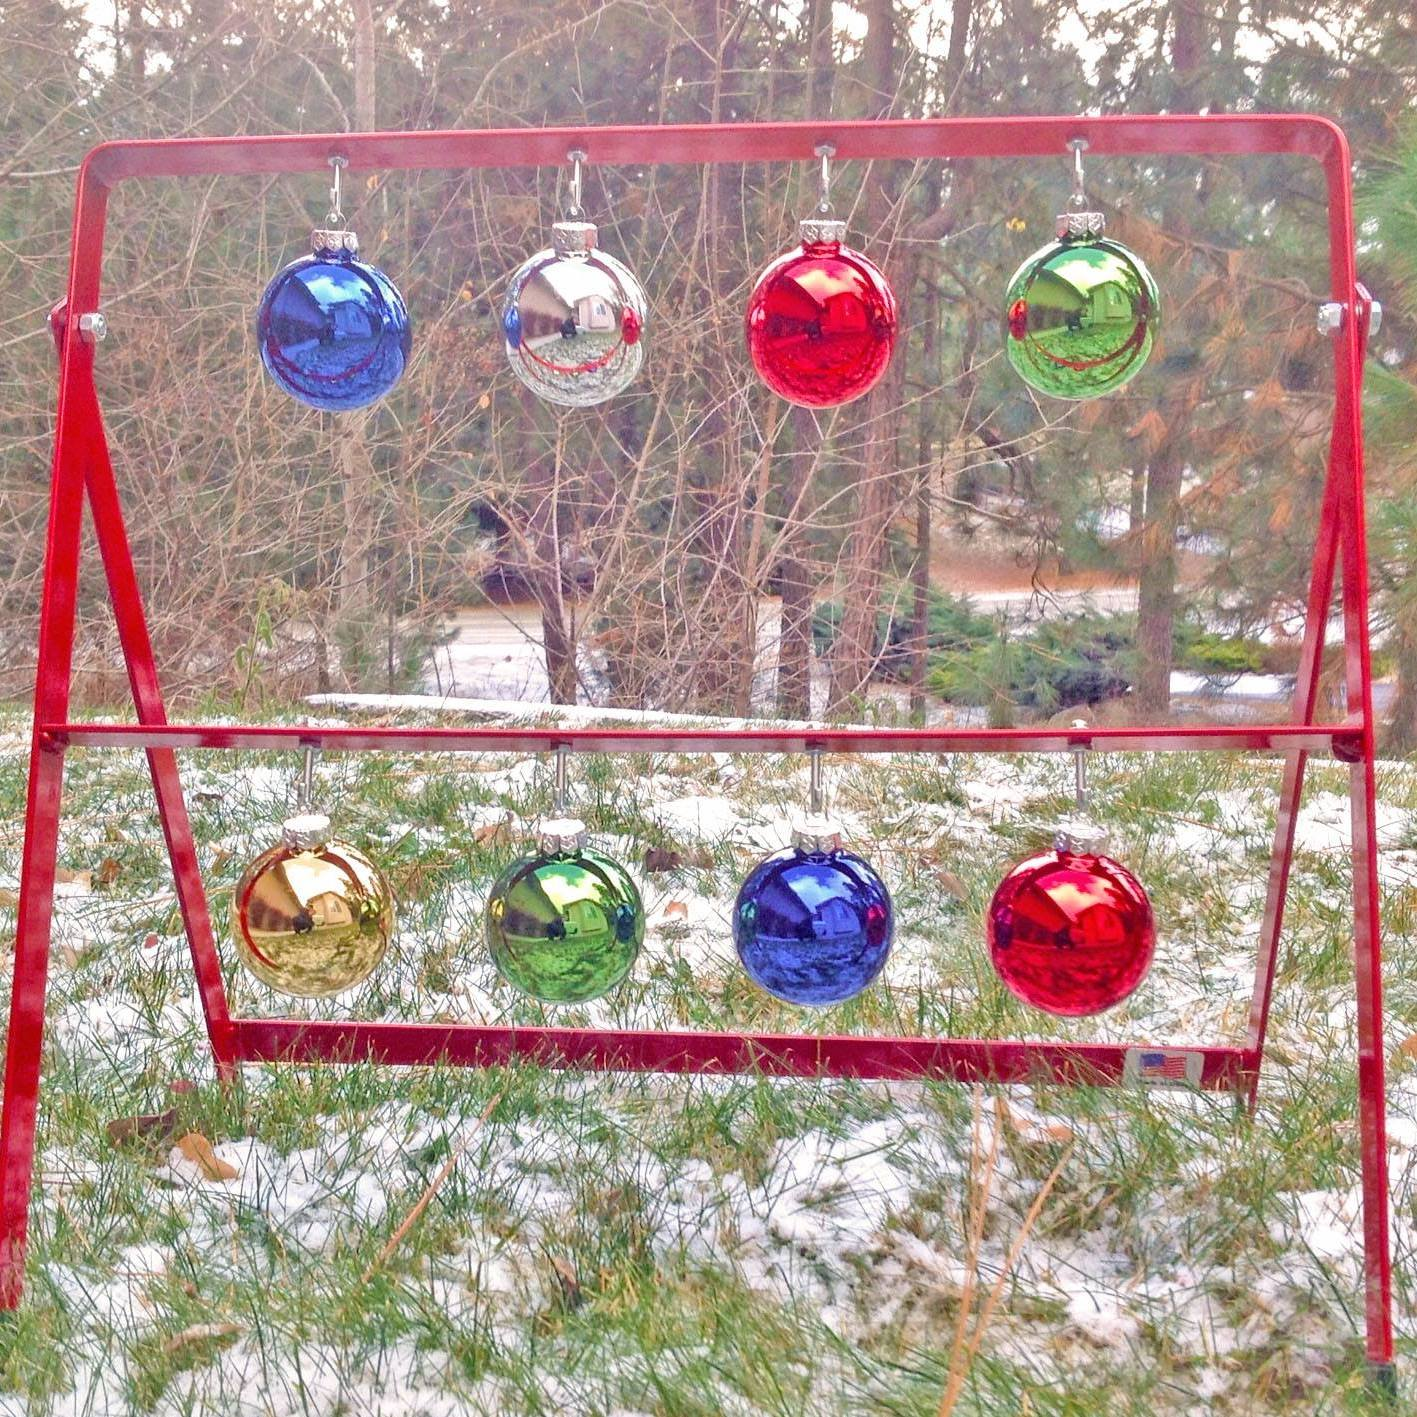 tinCanTarget_ornaments